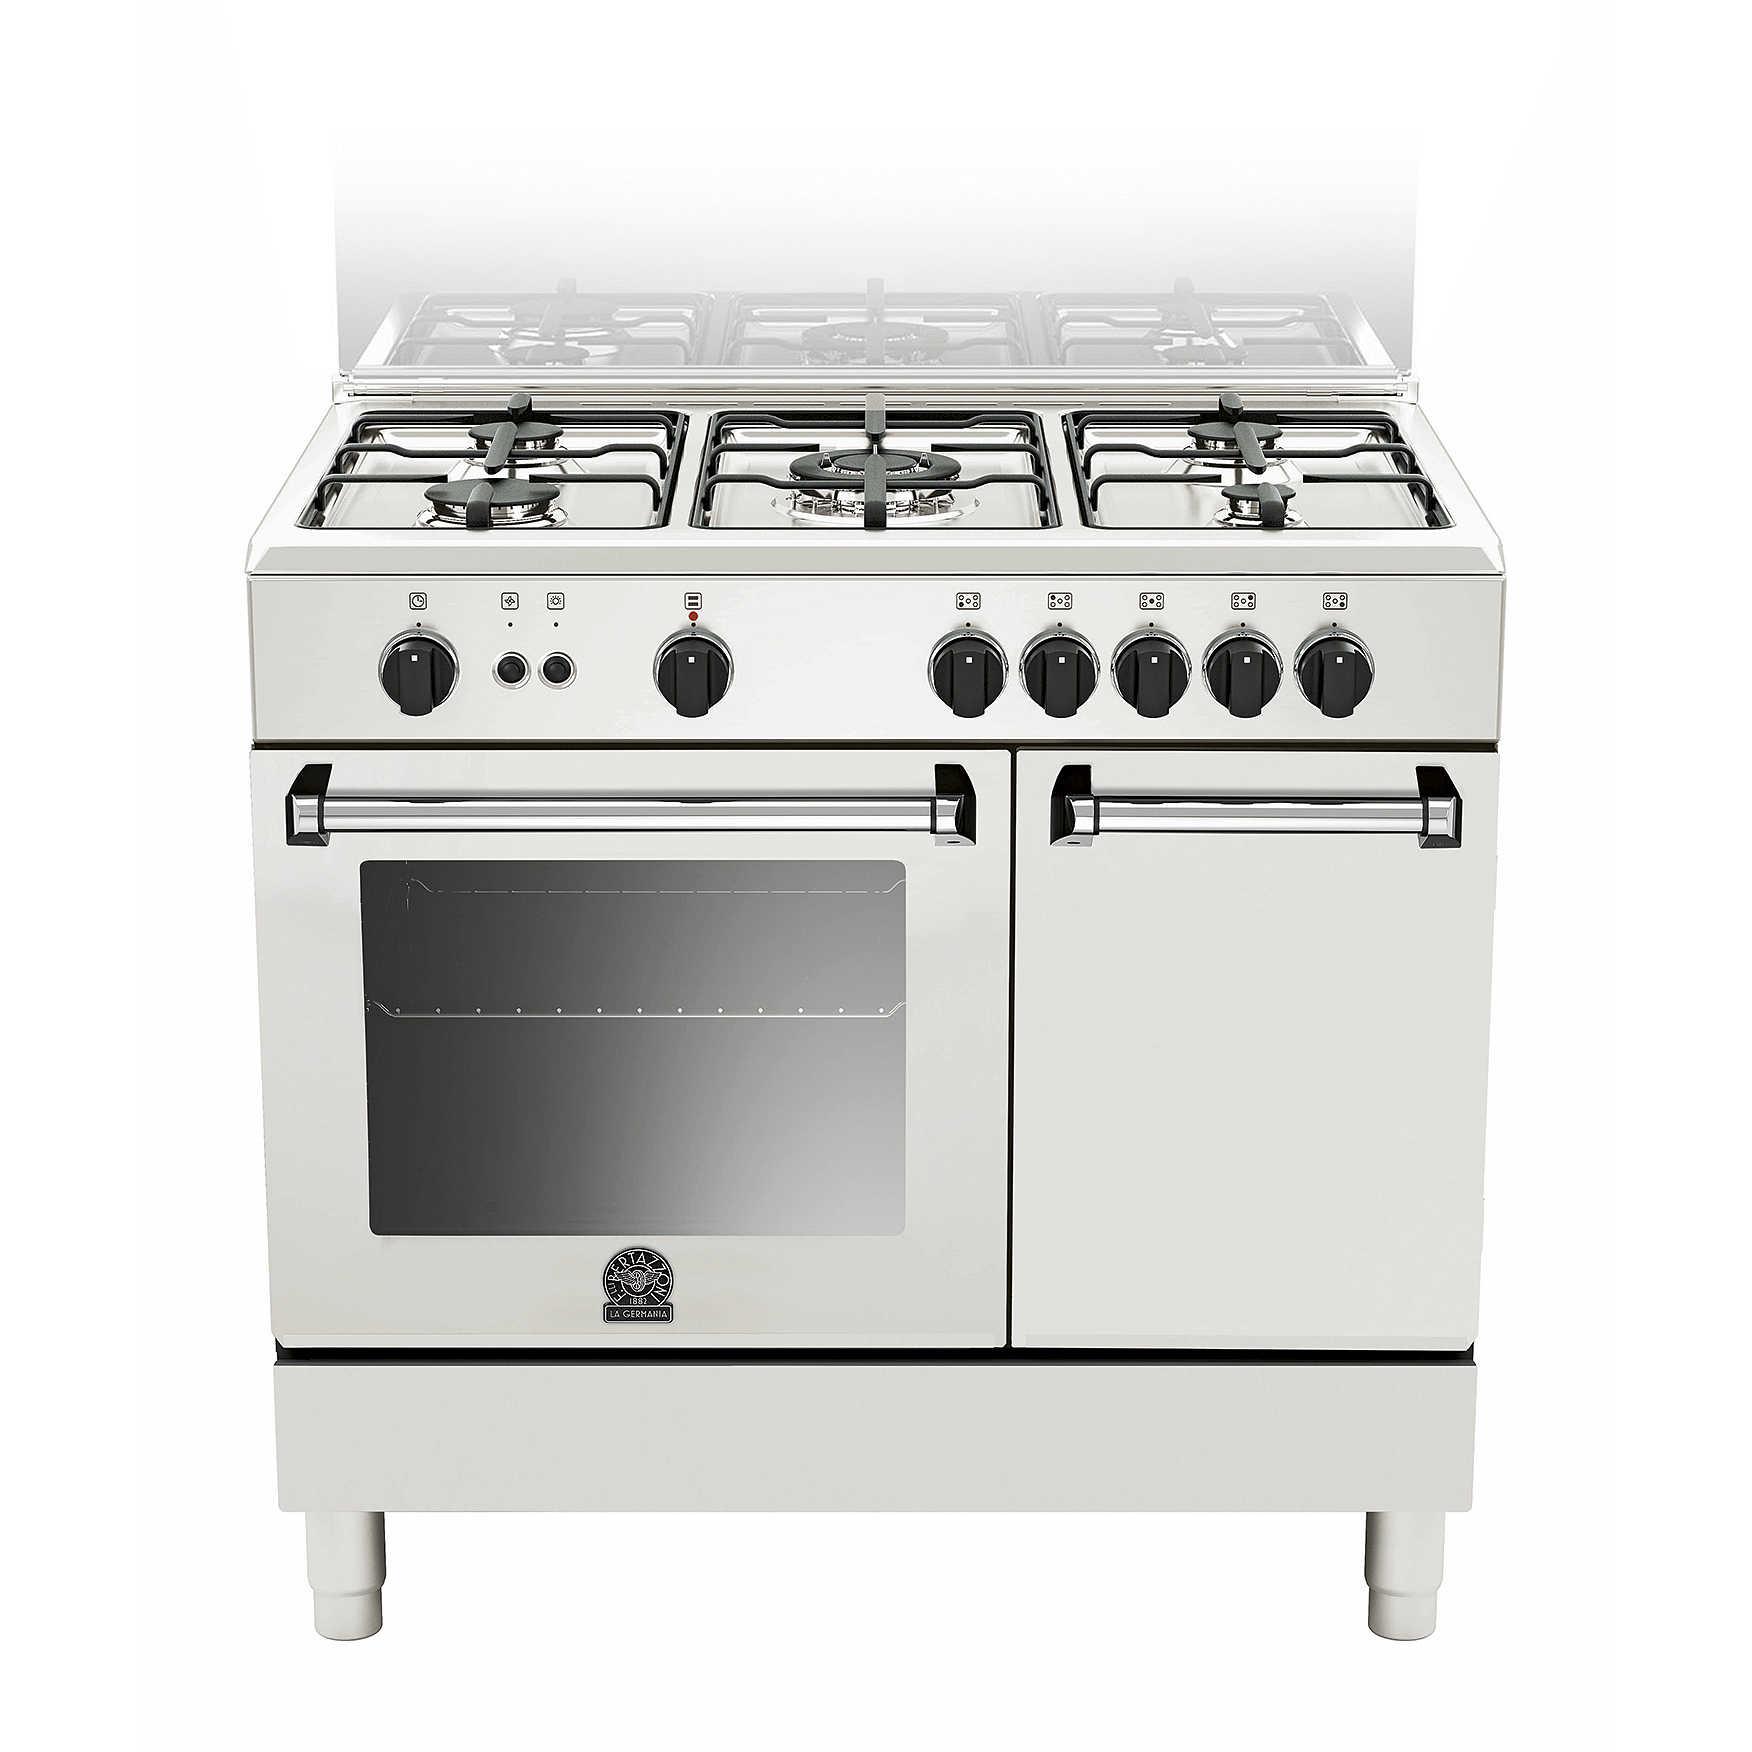 La germania amn905gevpwe cucina 90x60 5 fuochi a gas - La germania cucina ...